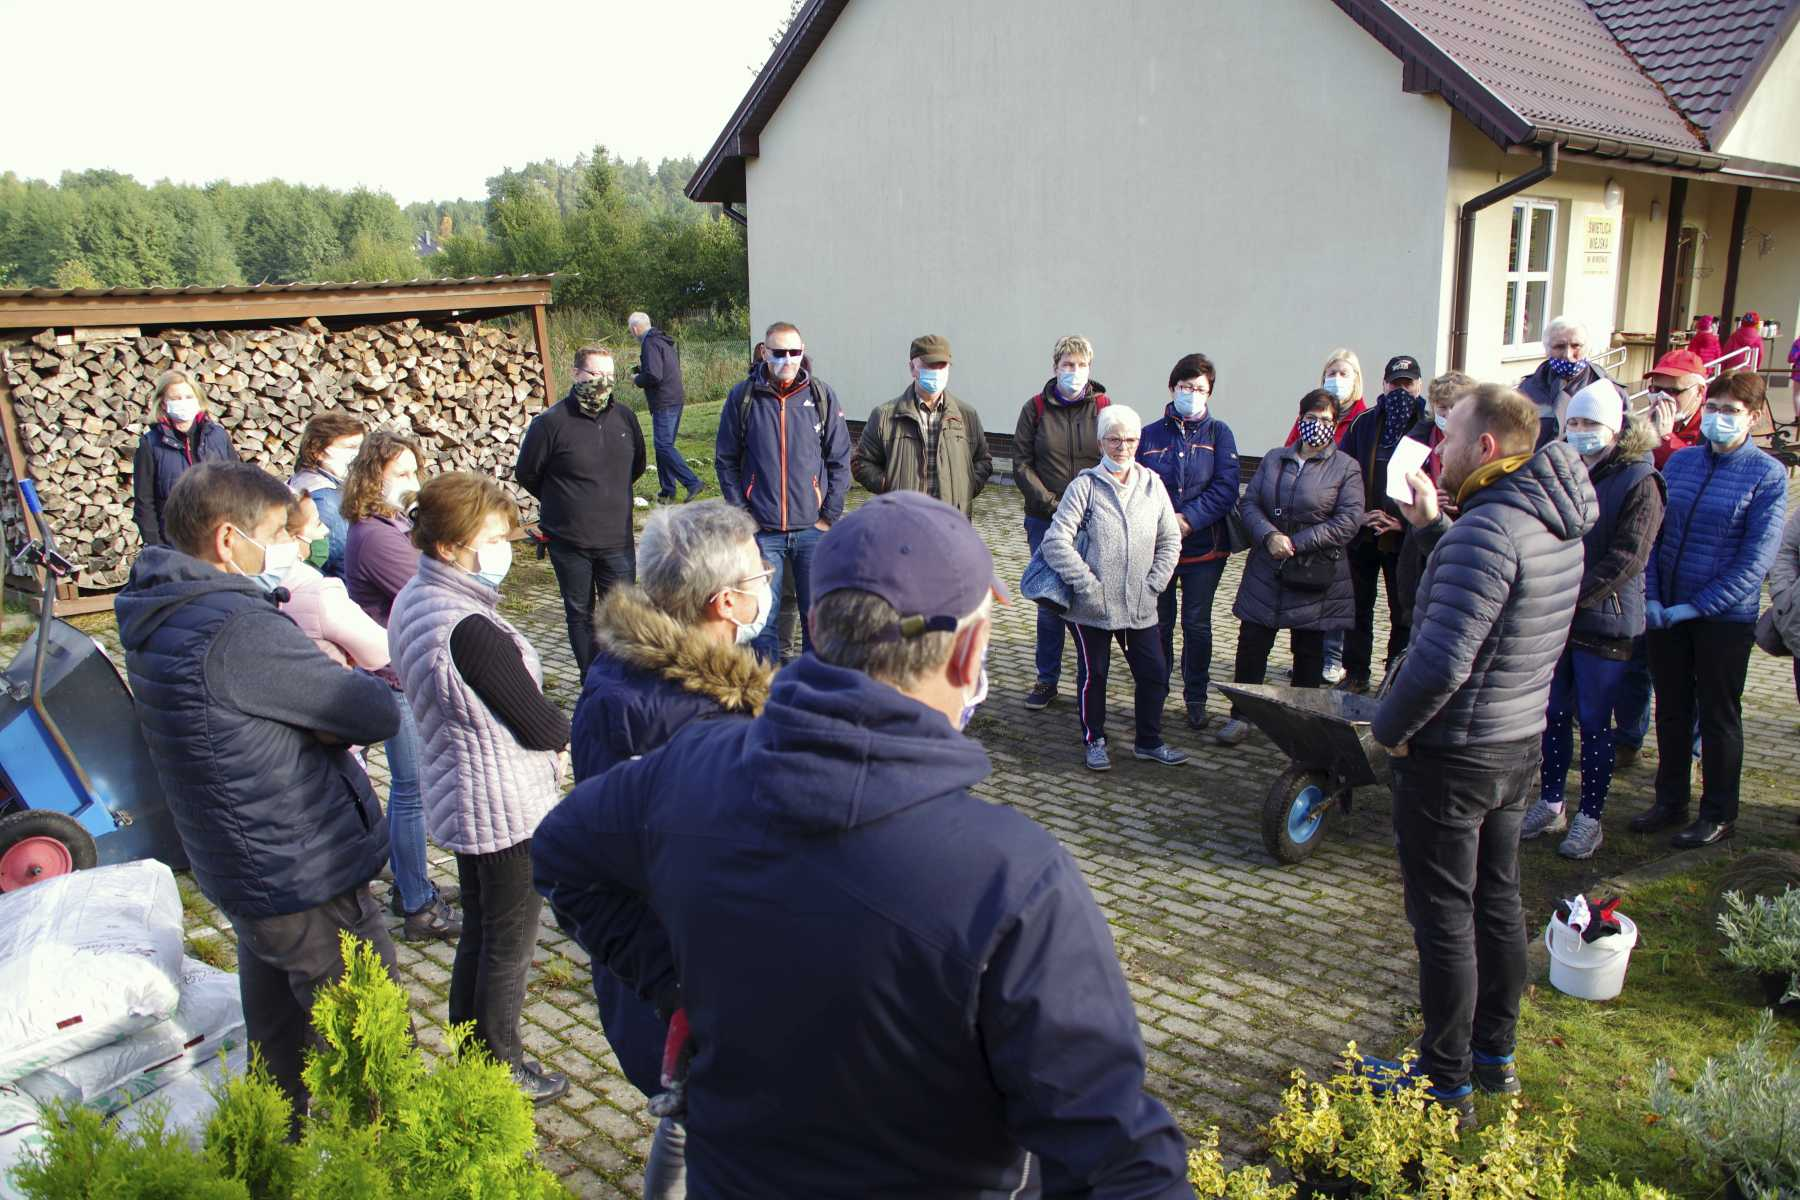 Teilnehmer bei der Begrüßung. Foto: asc